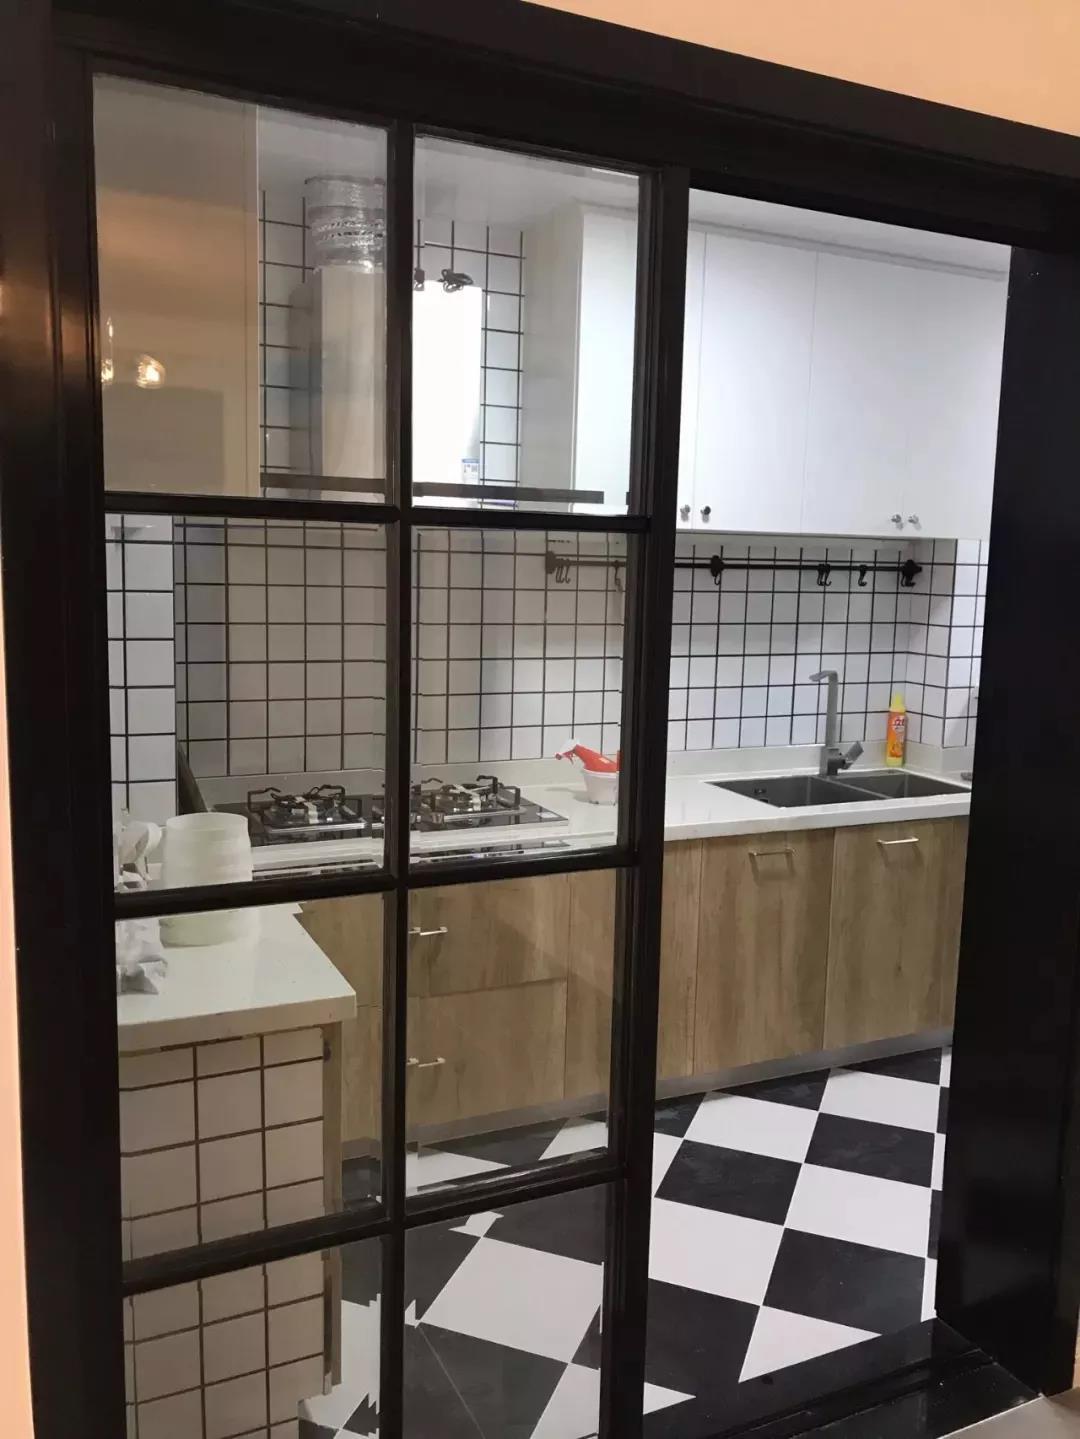 图赏| 厨房推拉门装修效果图